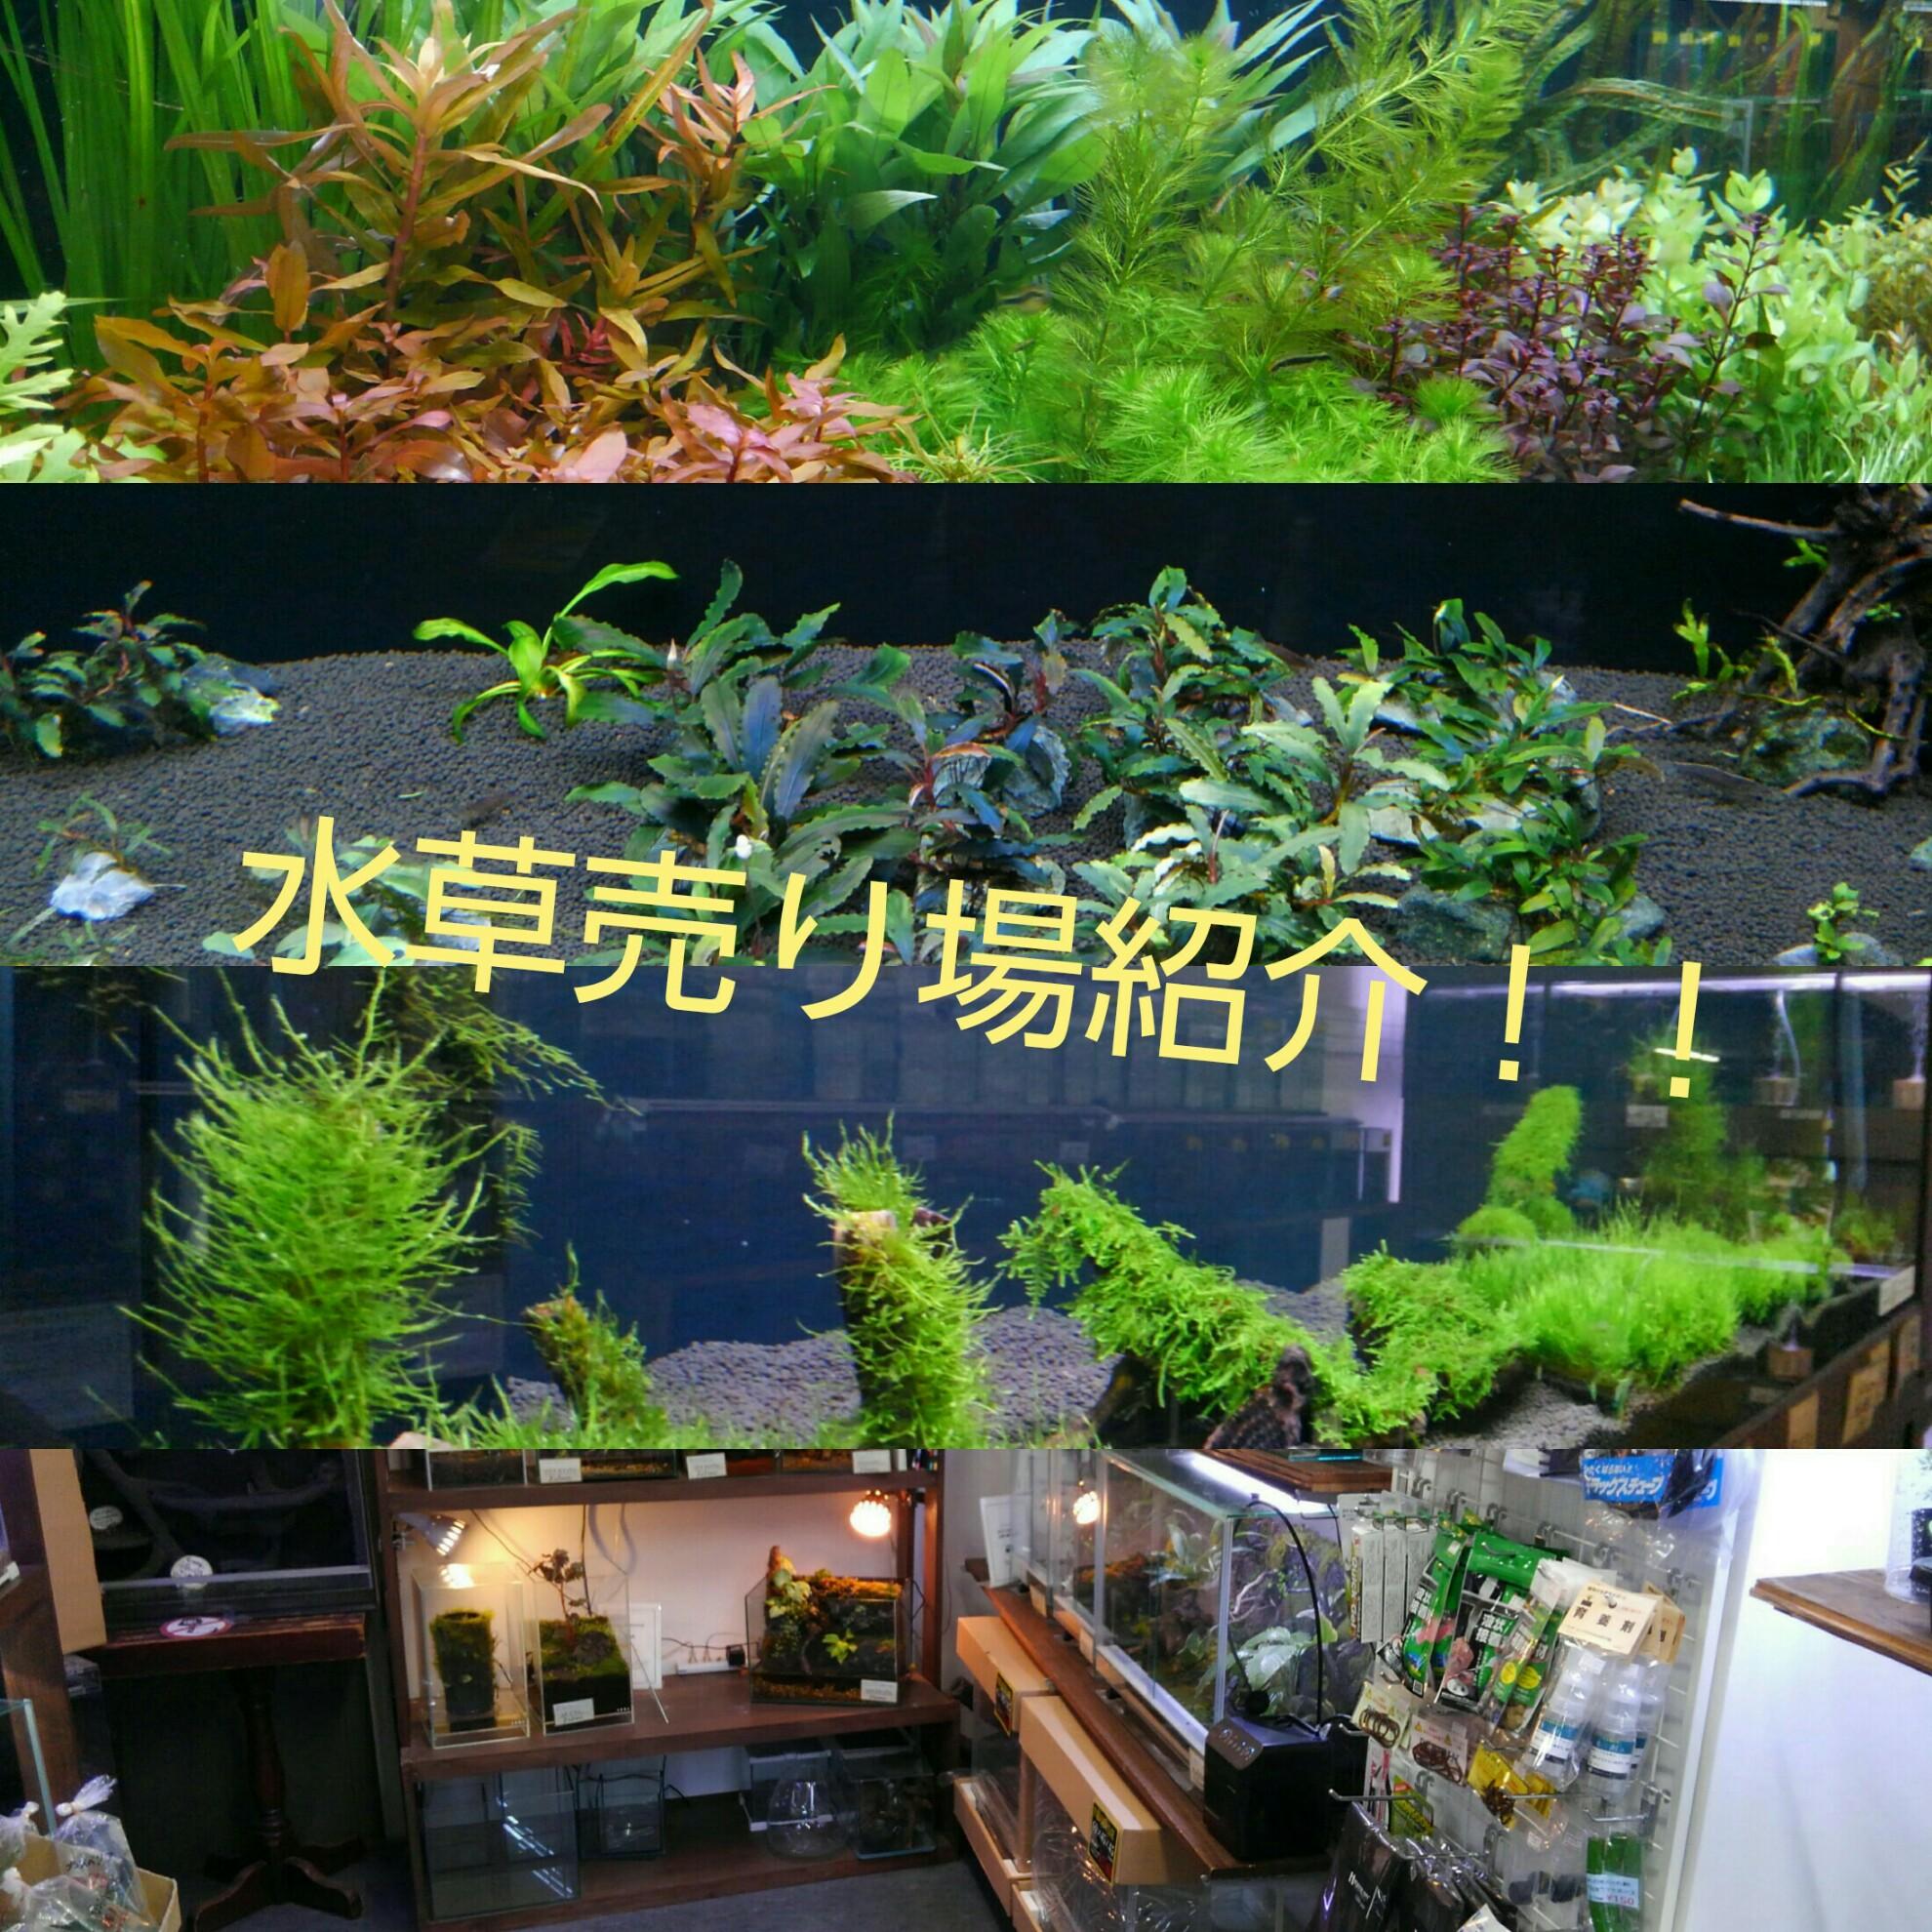 水草、観葉植物、テラリウム、パルダリウム売り場紹介!